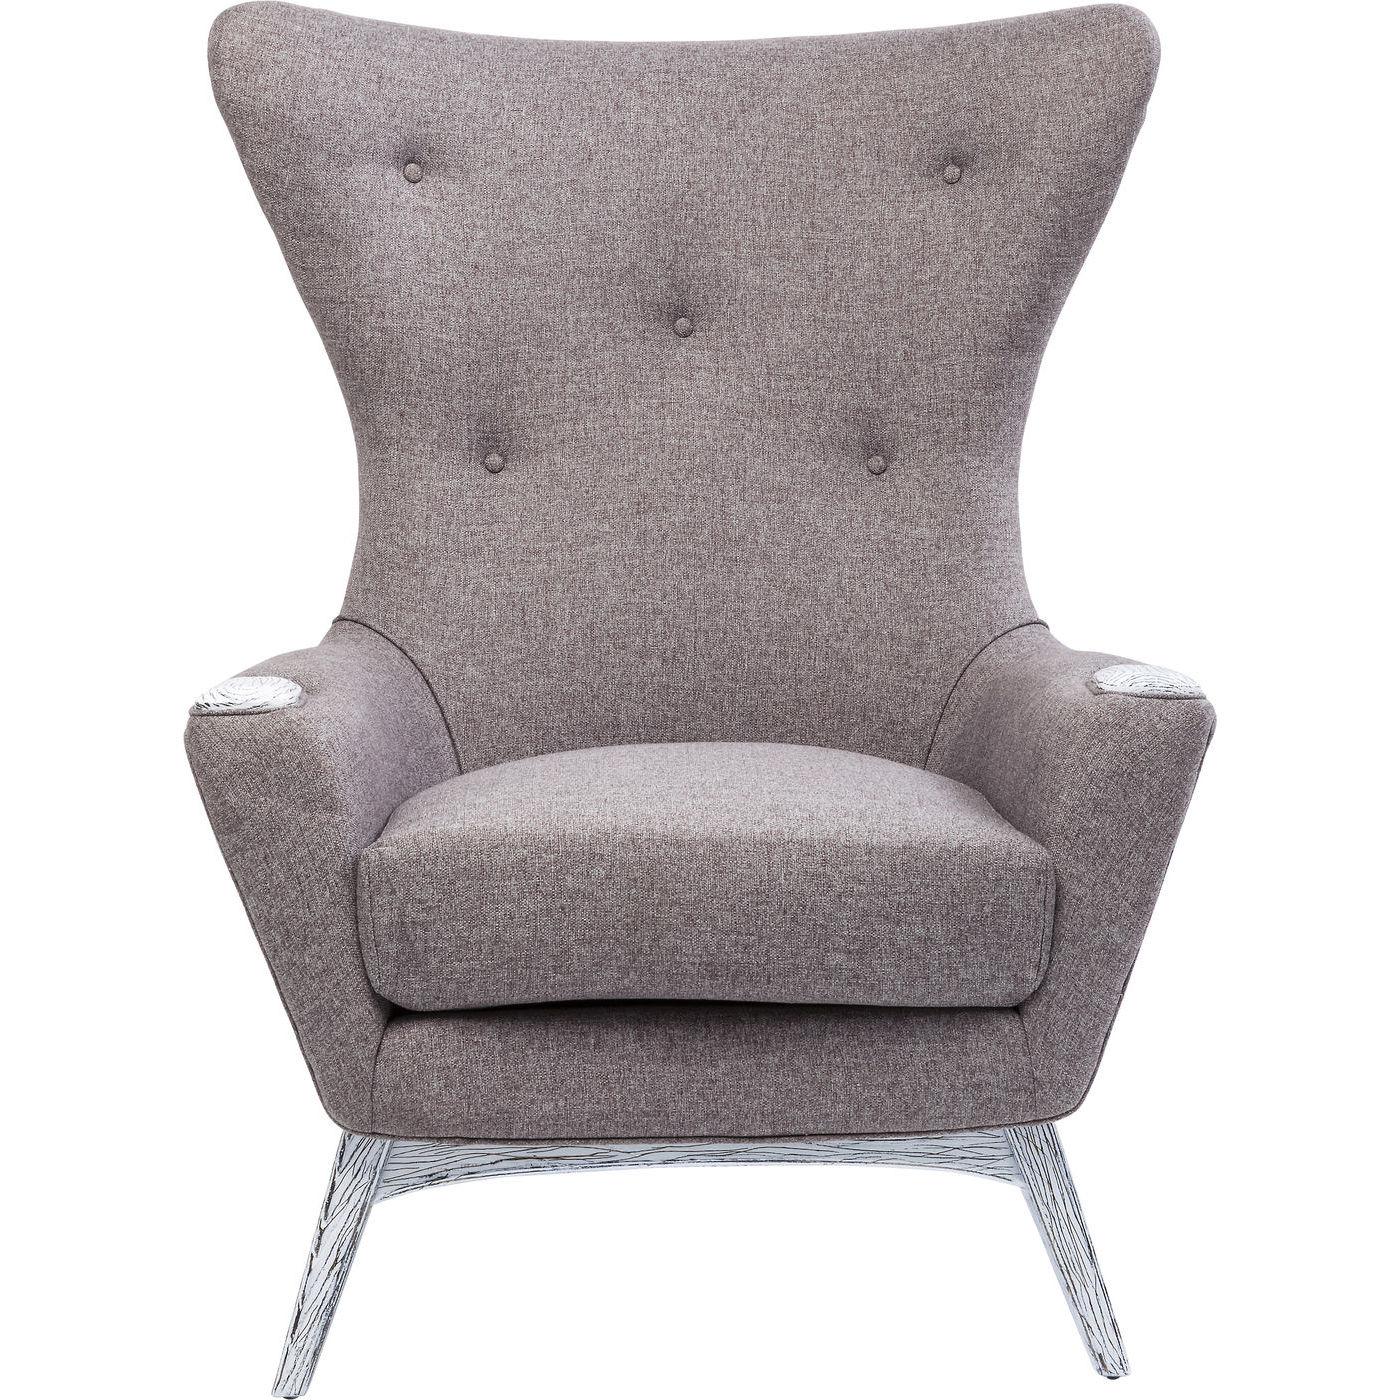 Billede af Kare Design Hvilestol m. Armlæn, Chillax Grey